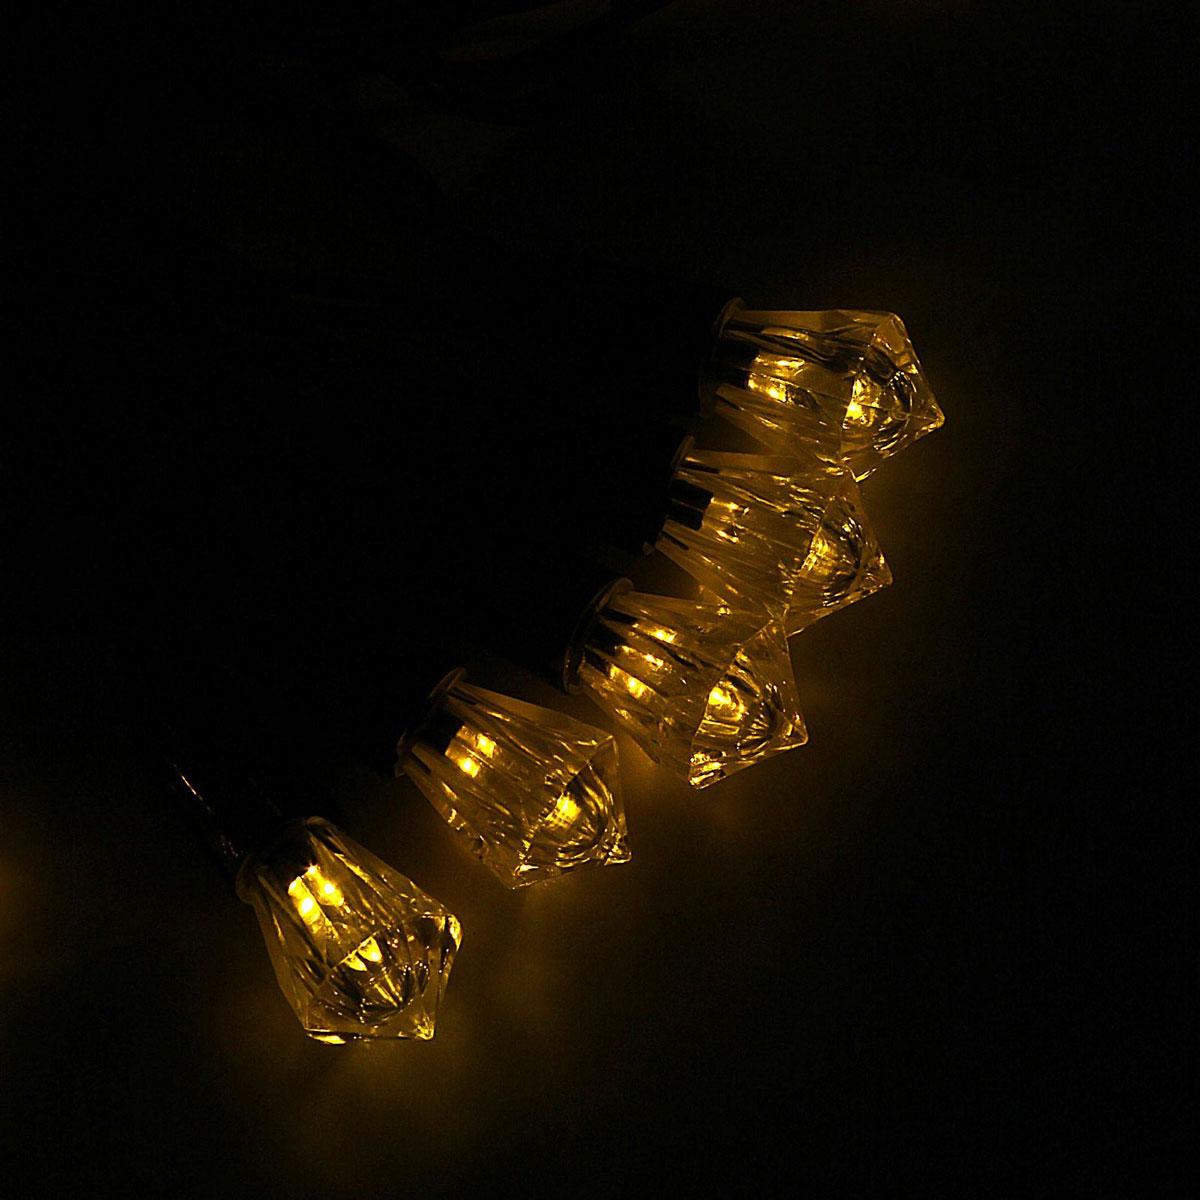 Гирлянда светодиодная Luazon Метраж. Хрусталь, уличная с насадкой, фиксинг, 40 ламп, 220 V, 5 м, цвет: желтый. 10800671080067Светодиодные гирлянды, ленты и т.д. — это отличный вариант для новогоднего оформления интерьера или фасада. С их помощью помещение любого размера можно превратить в праздничный зал, а внешние элементы зданий, украшенные ими, мгновенно станут напоминать очертания сказочного дворца. Такие украшения создают ауру предвкушения чуда. Деревья, фасады, витрины, окна и арки будто специально созданы, чтобы вы украсили их светящимися нитями.